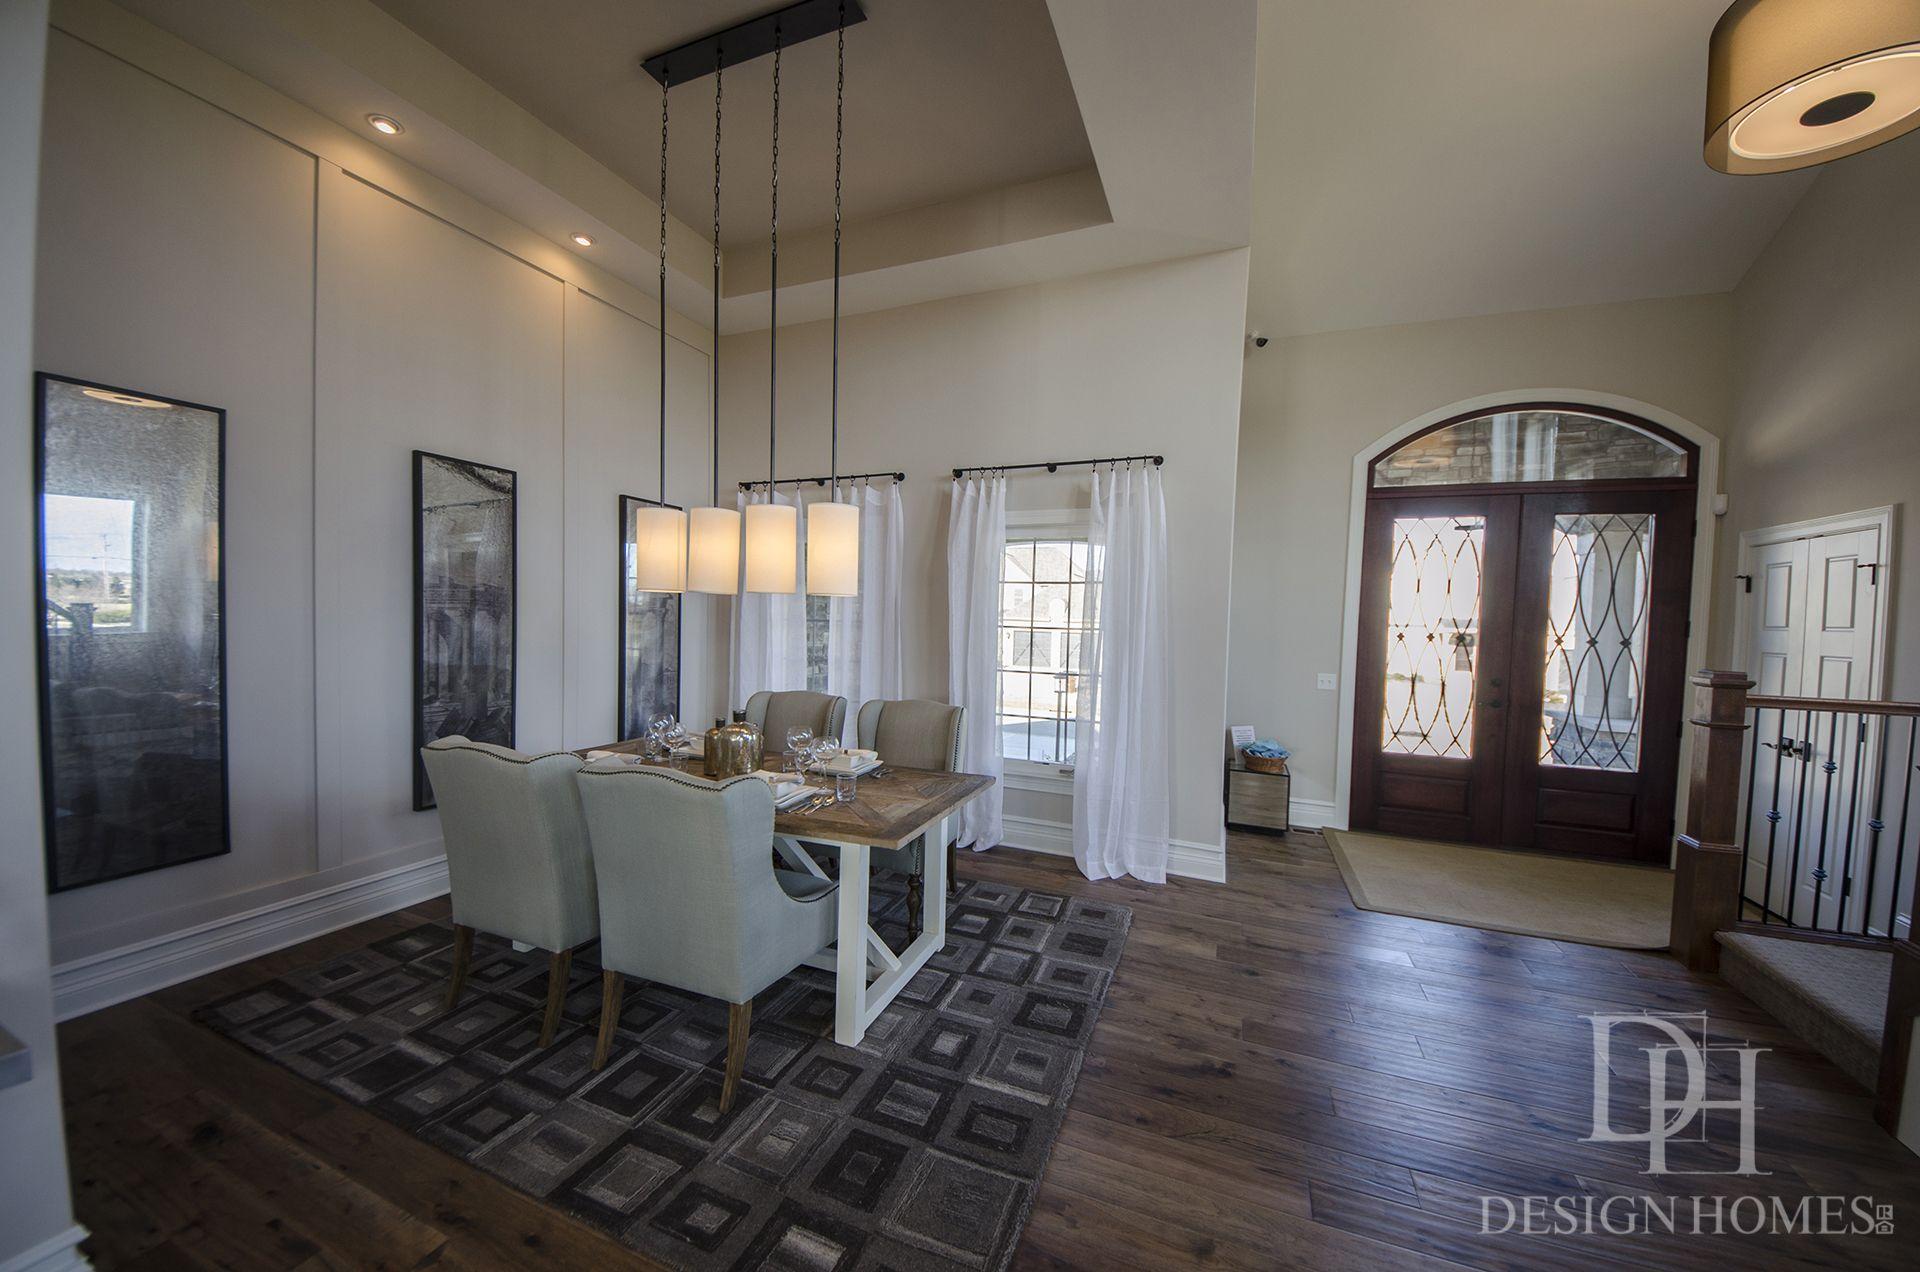 Custom built by Design Homes & Development Co. - Dayton, OH ...